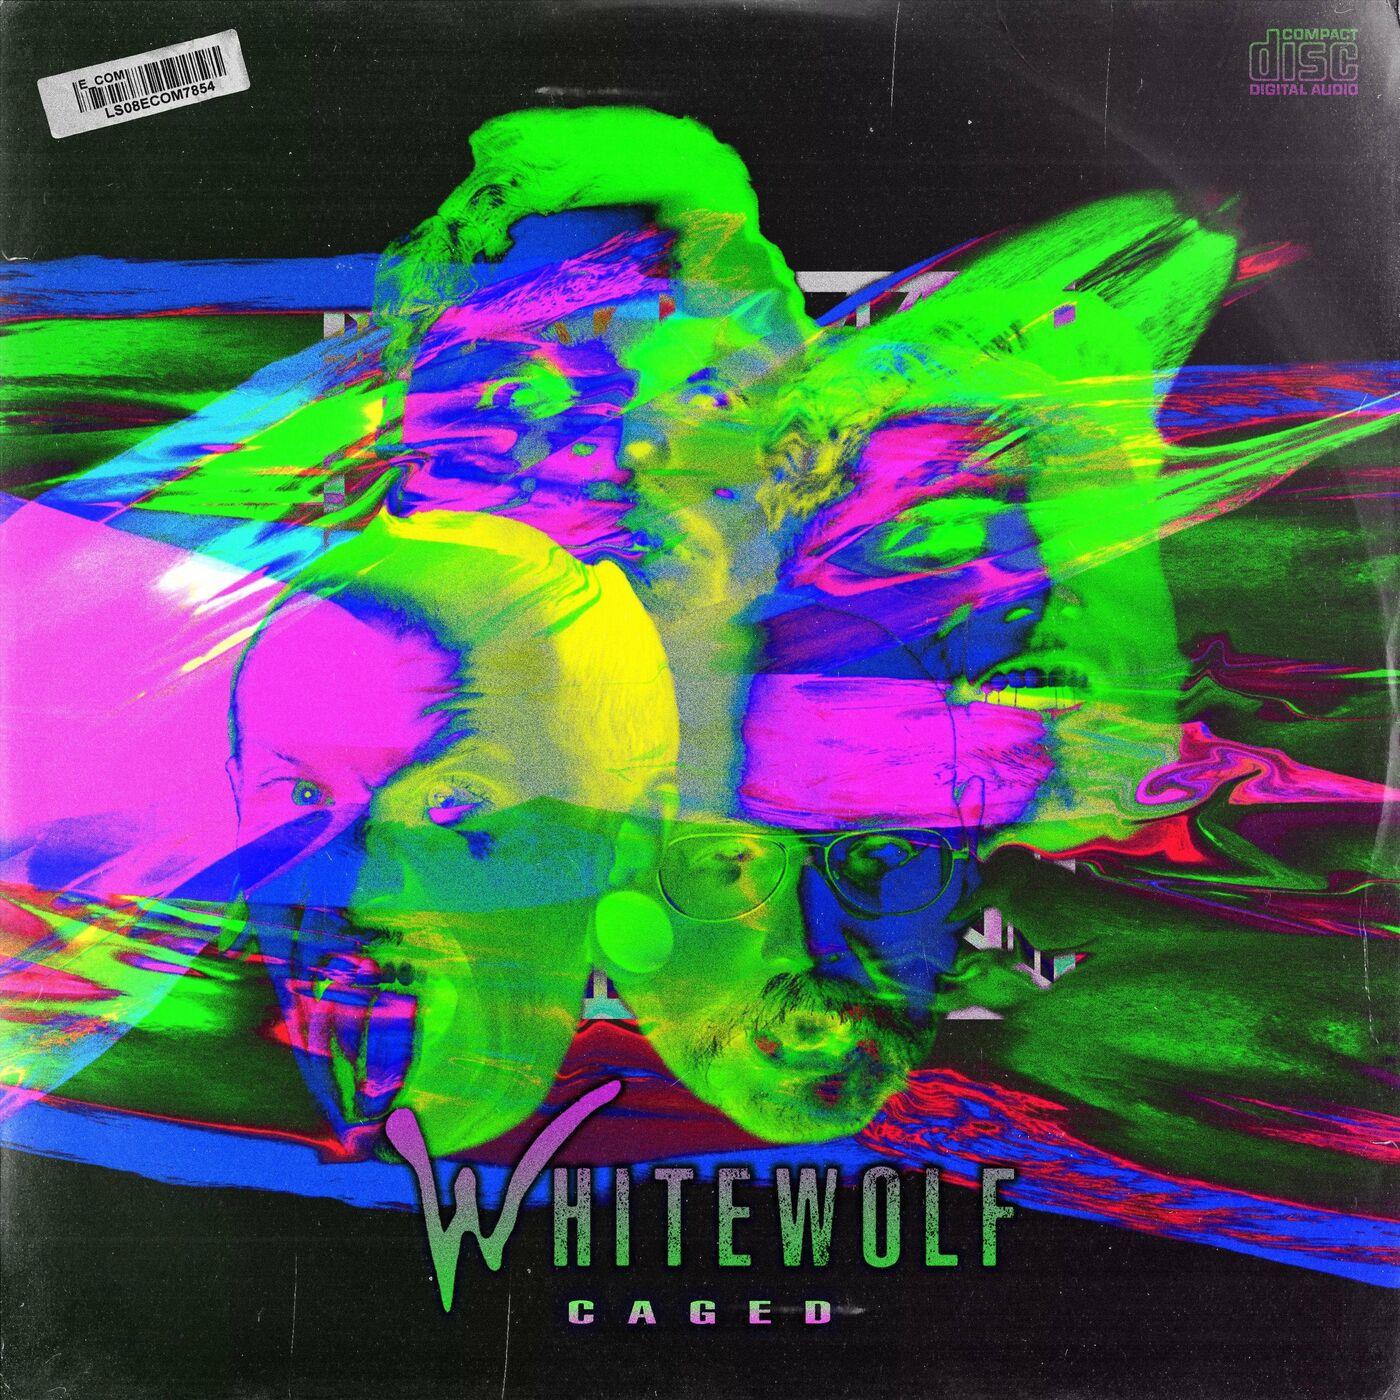 WhiteWoLF - Caged [single] (2021)